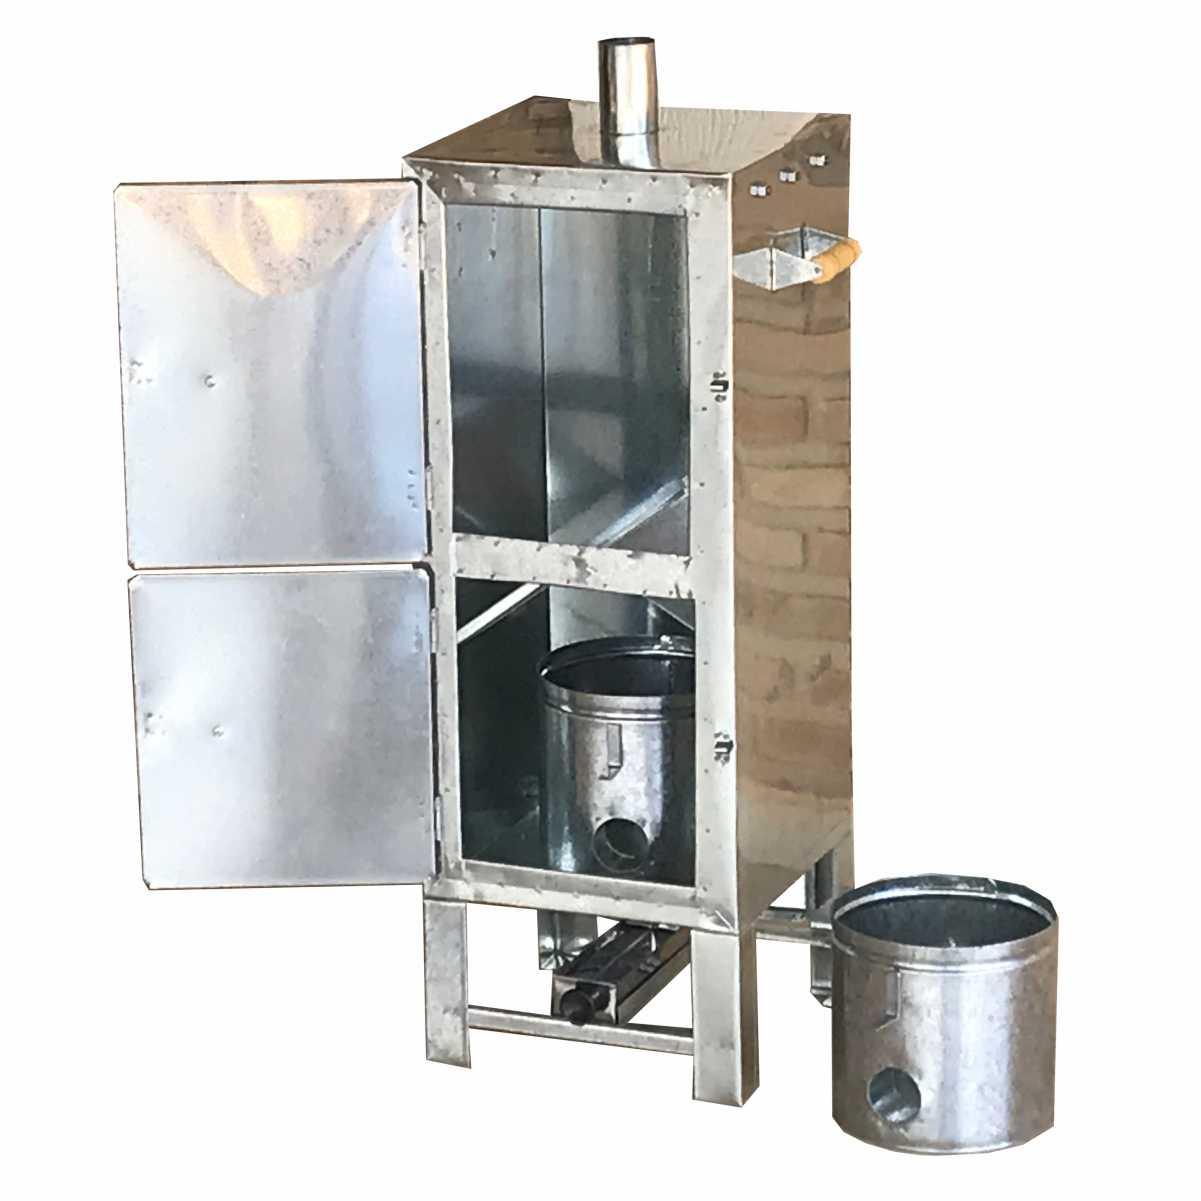 Defumador de Alimentos Artesanal Galvanizado Tamanho 80x30x30 Com 2 Balde Para Serragem